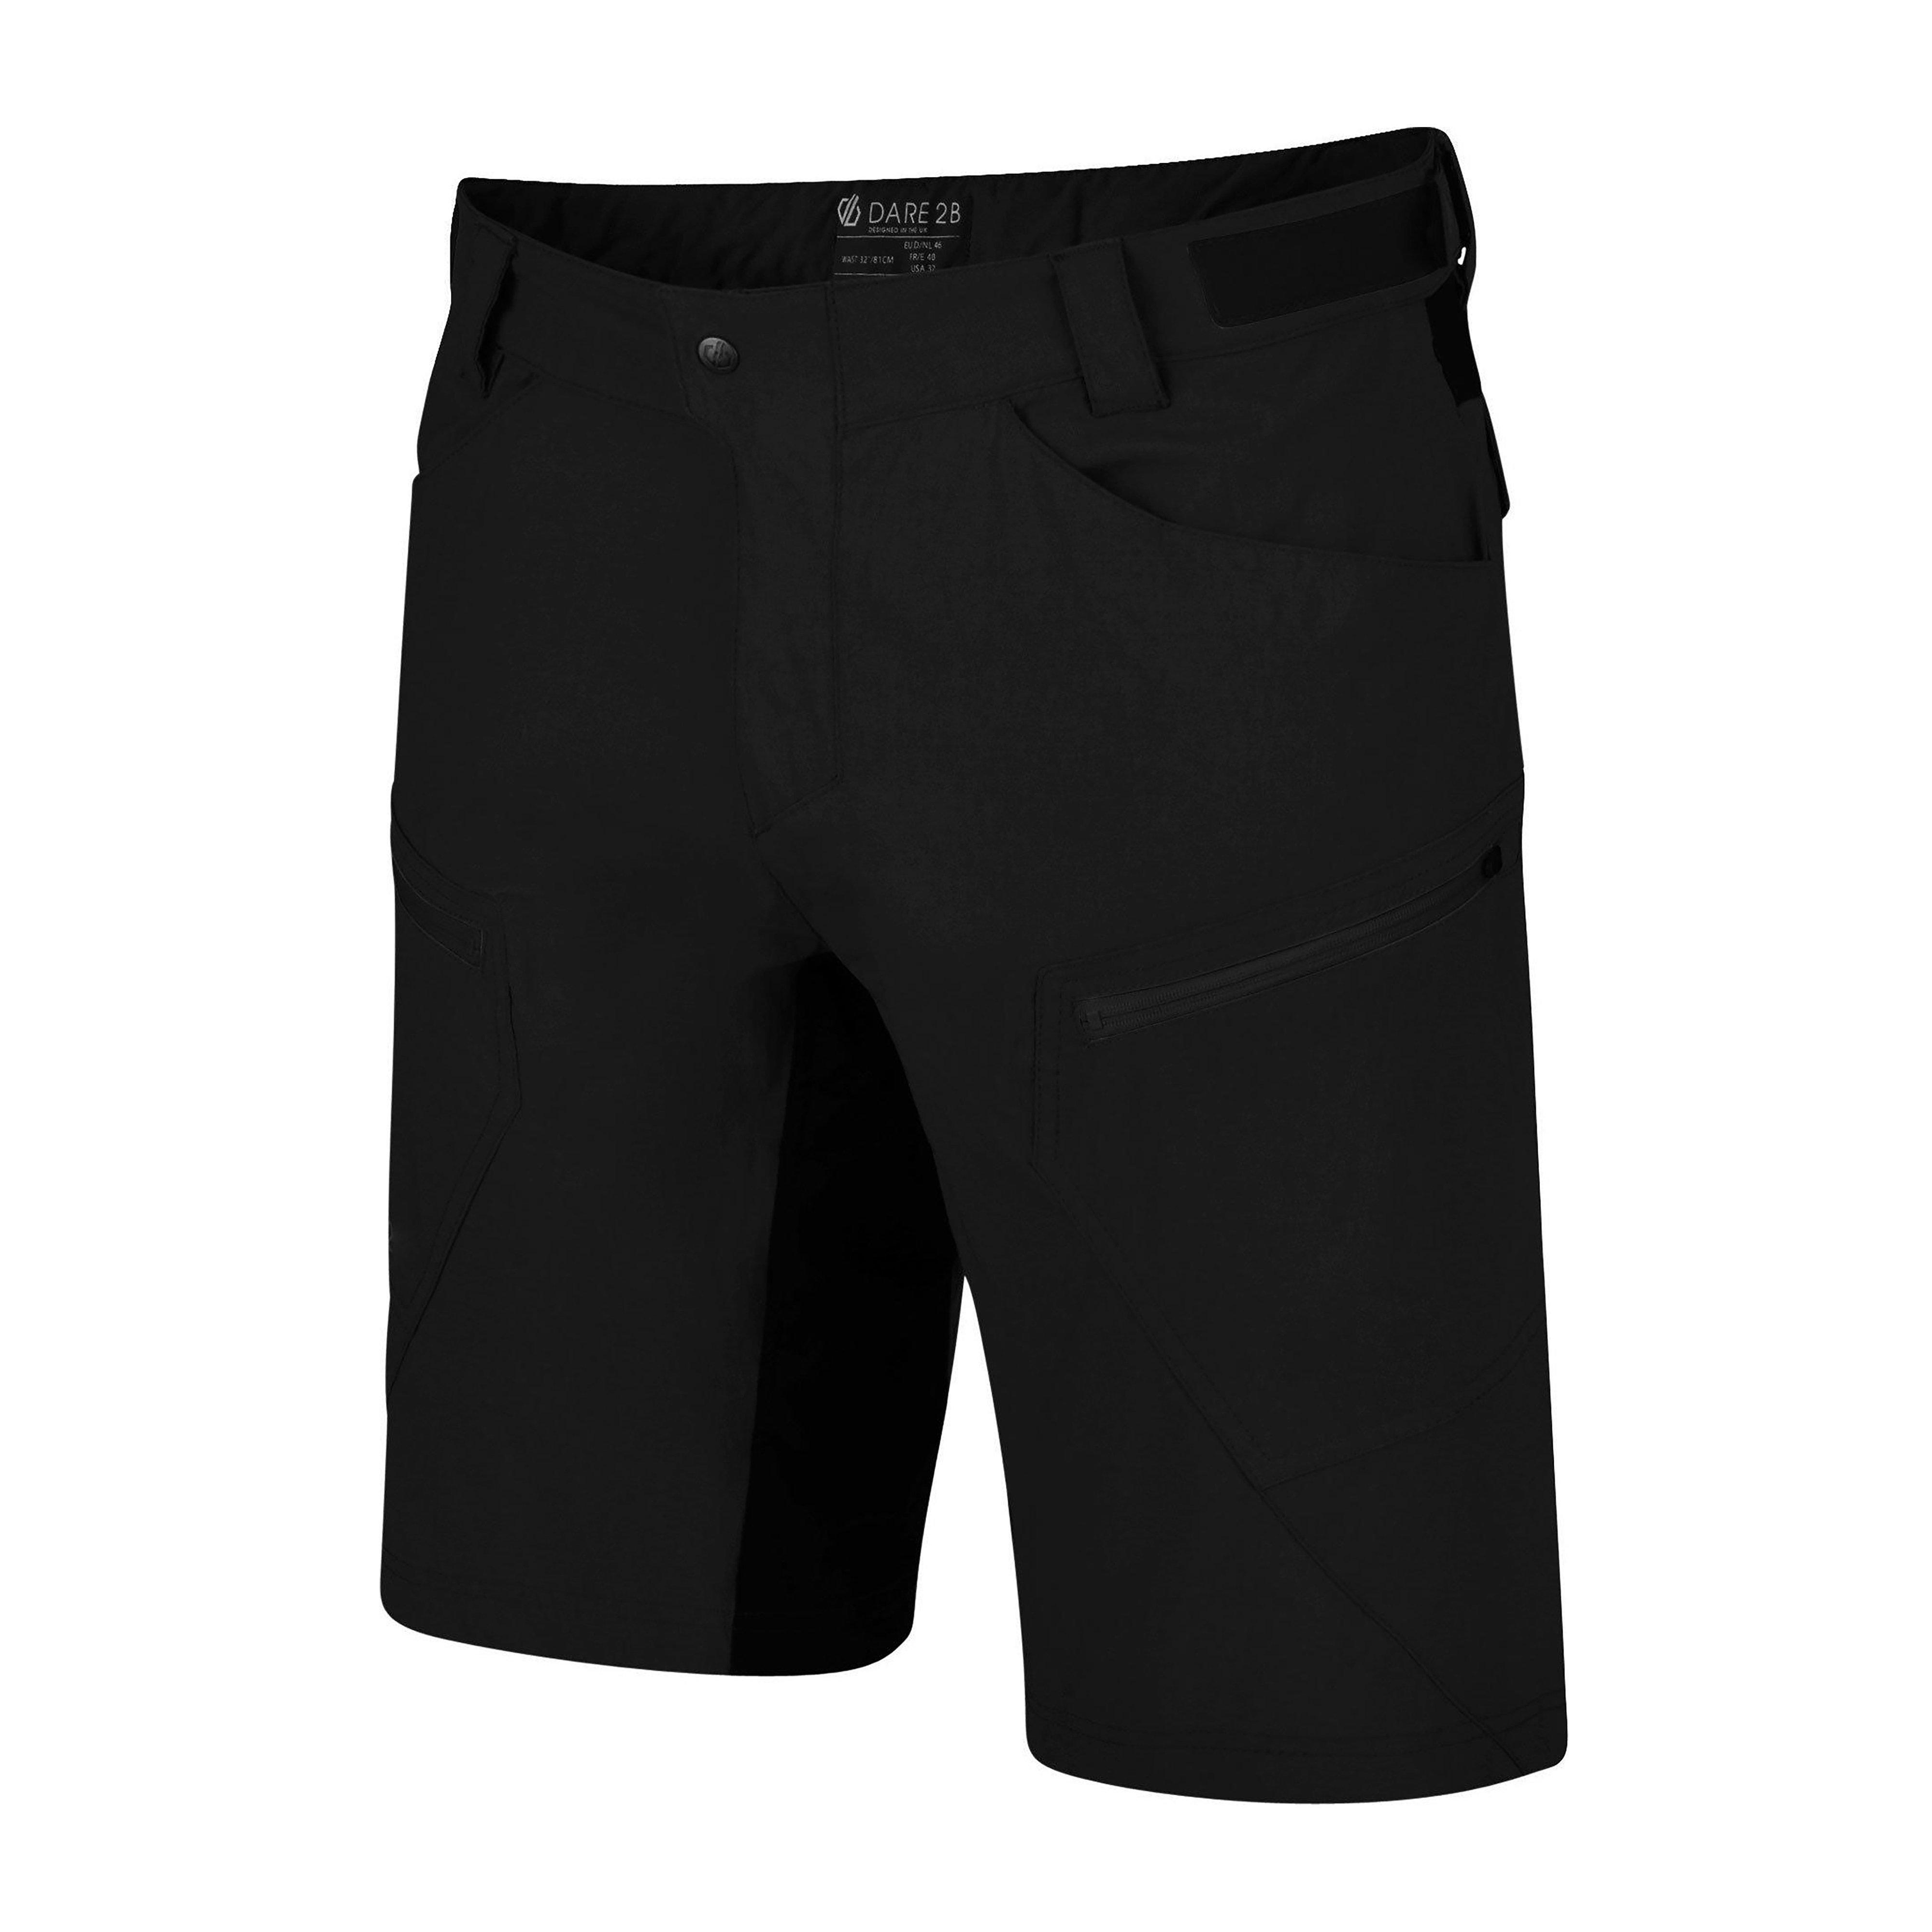 Dare 2B Men's Renew Cycle Shorts, BLACK/SHORT